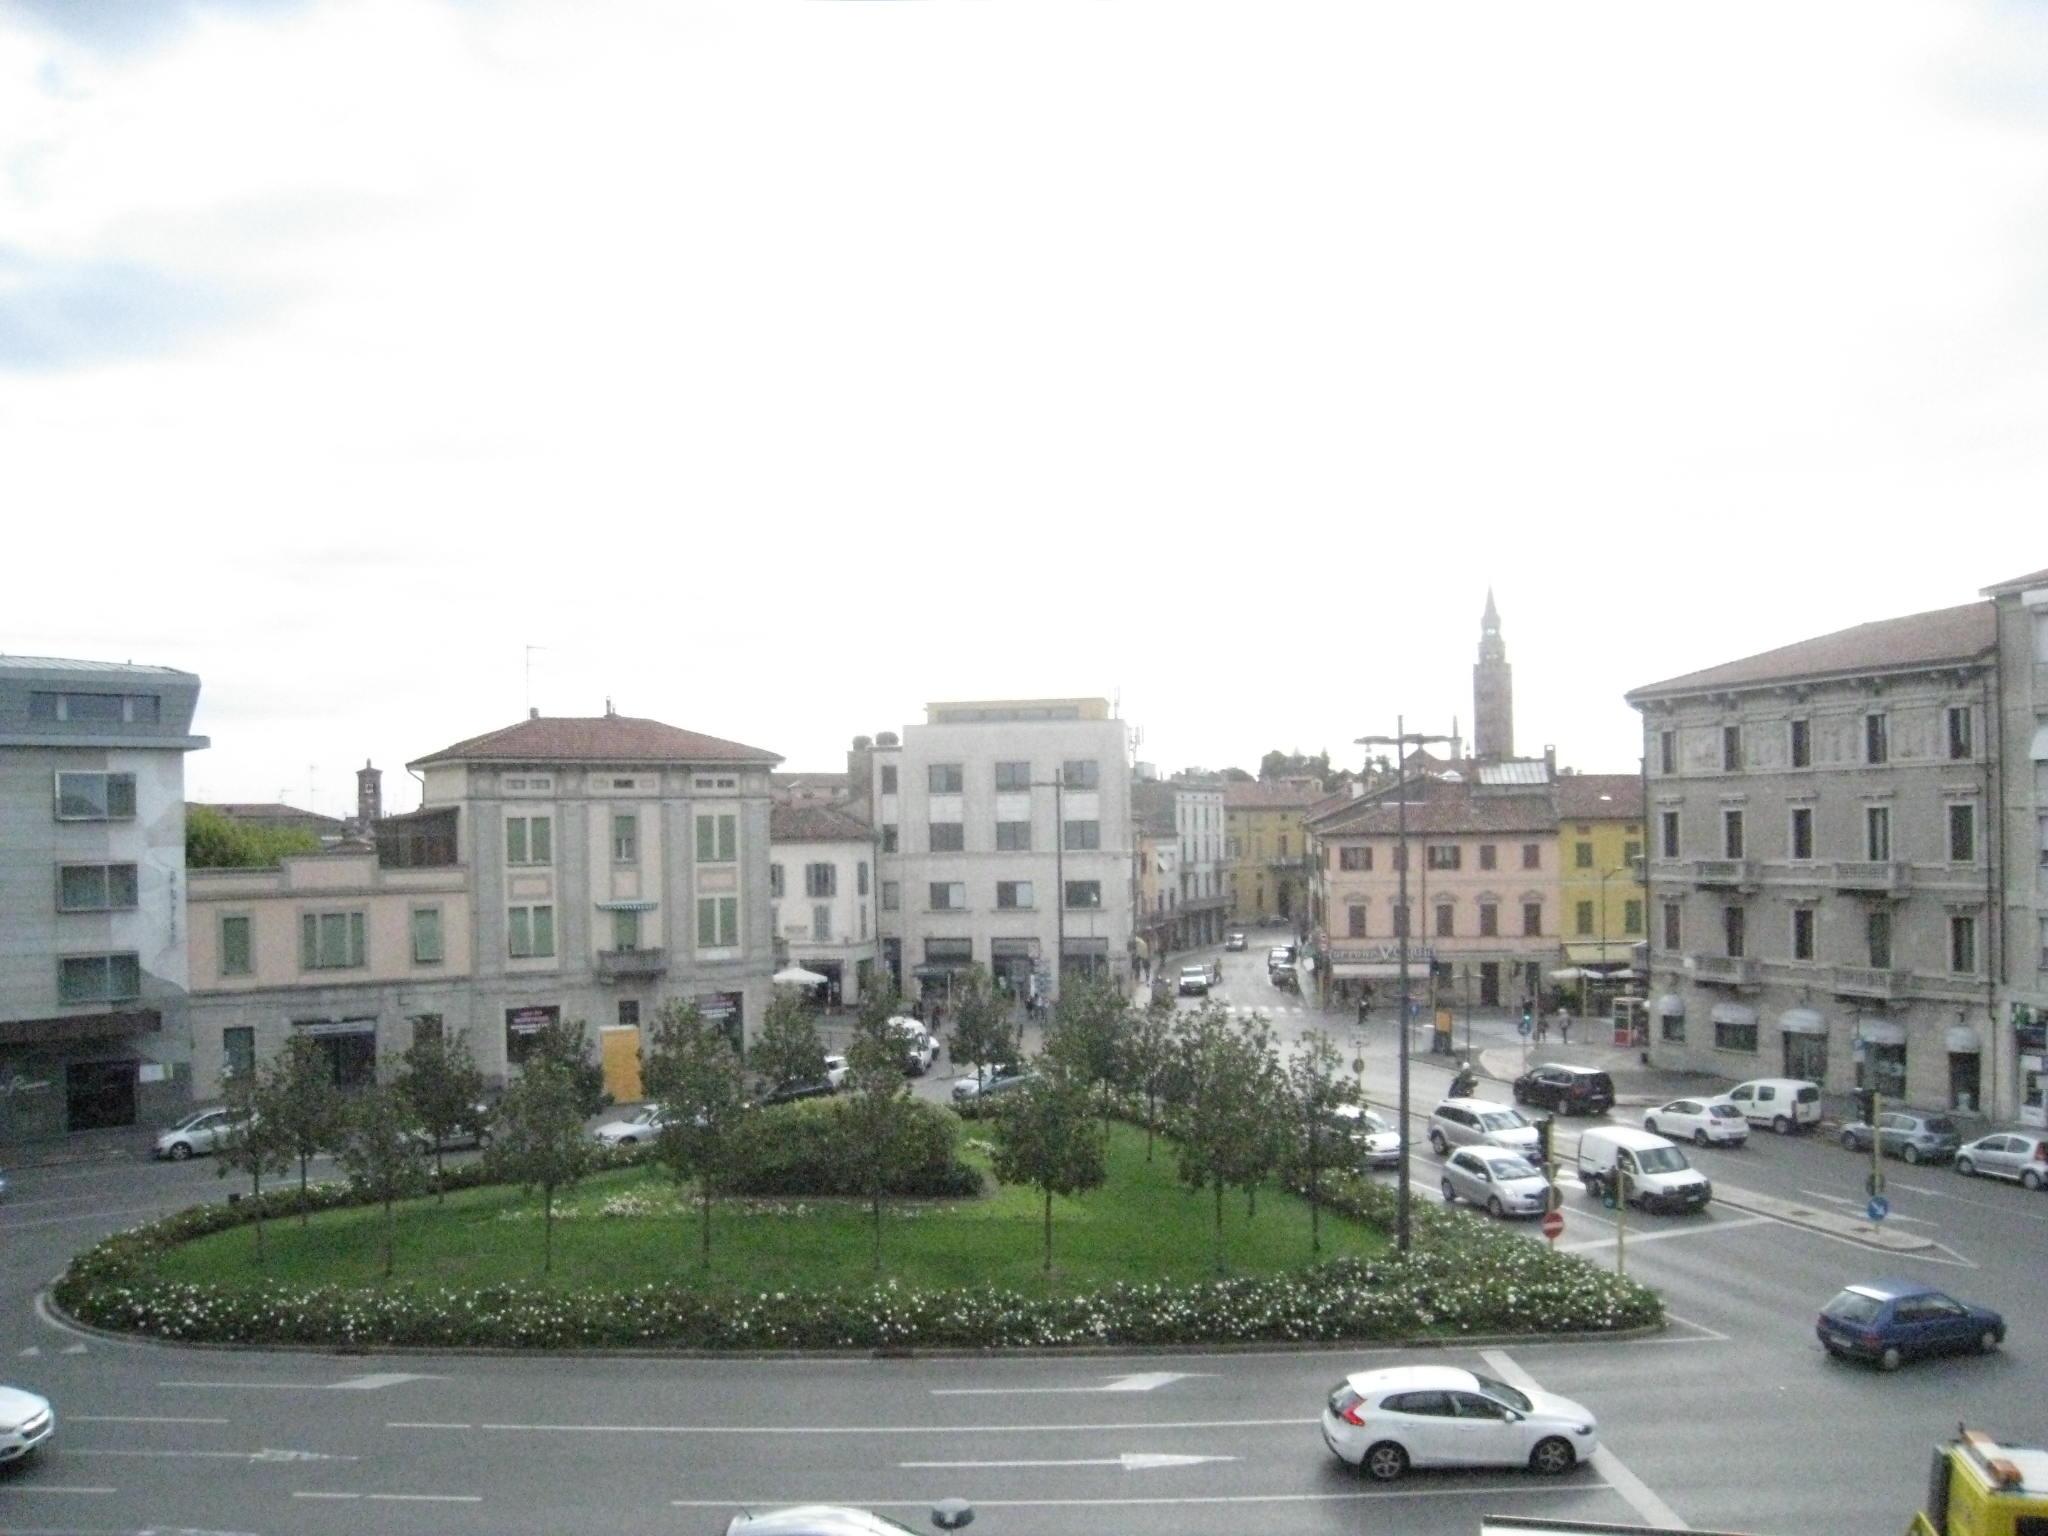 Trilocale a porta venezia cremona immobiliare for Affitto arredato cremona